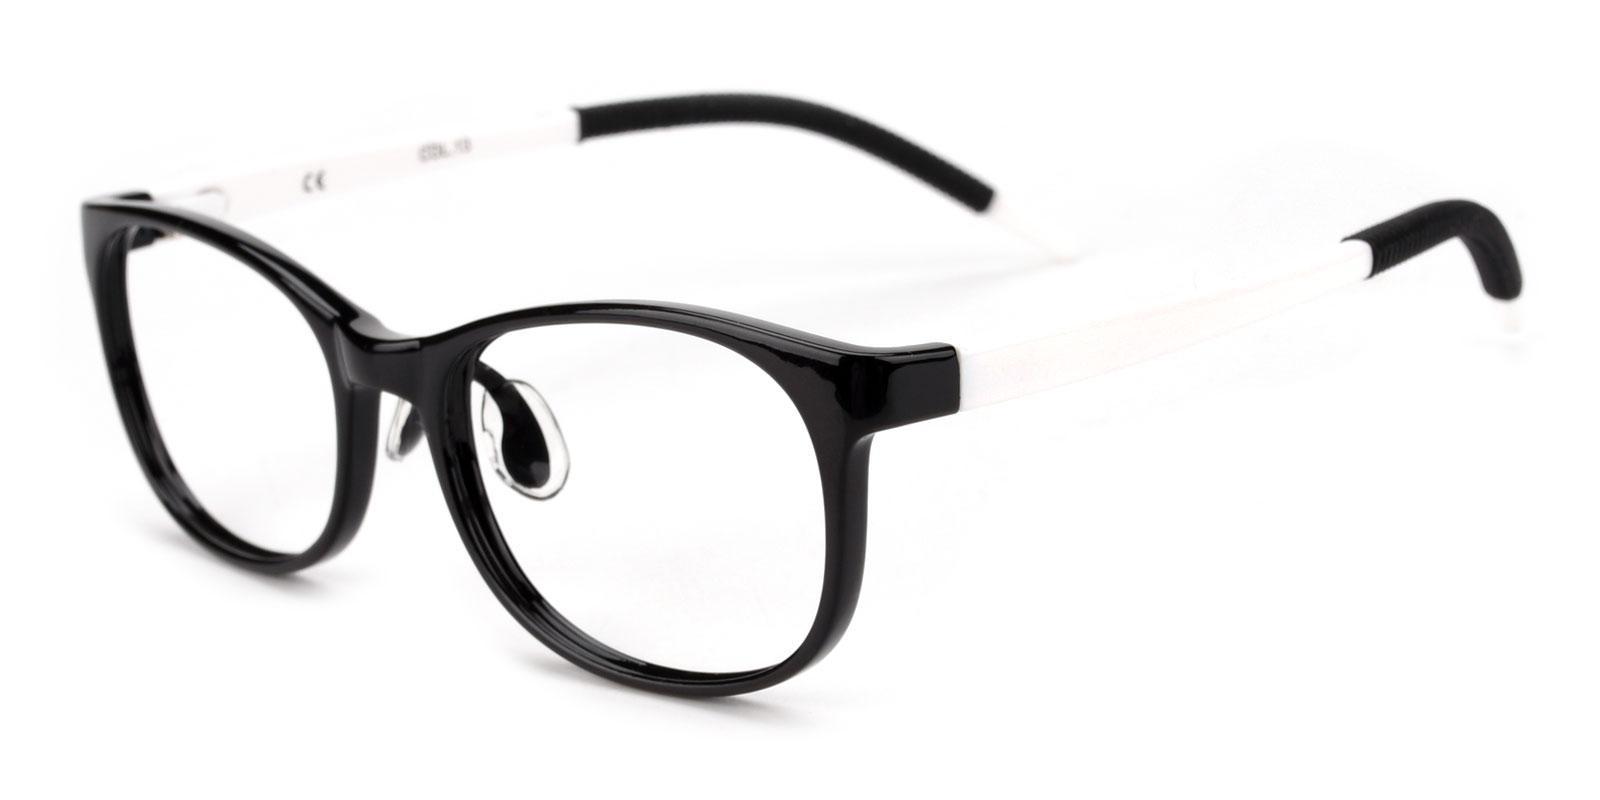 Levan-Black-Oval-TR-Eyeglasses-detail